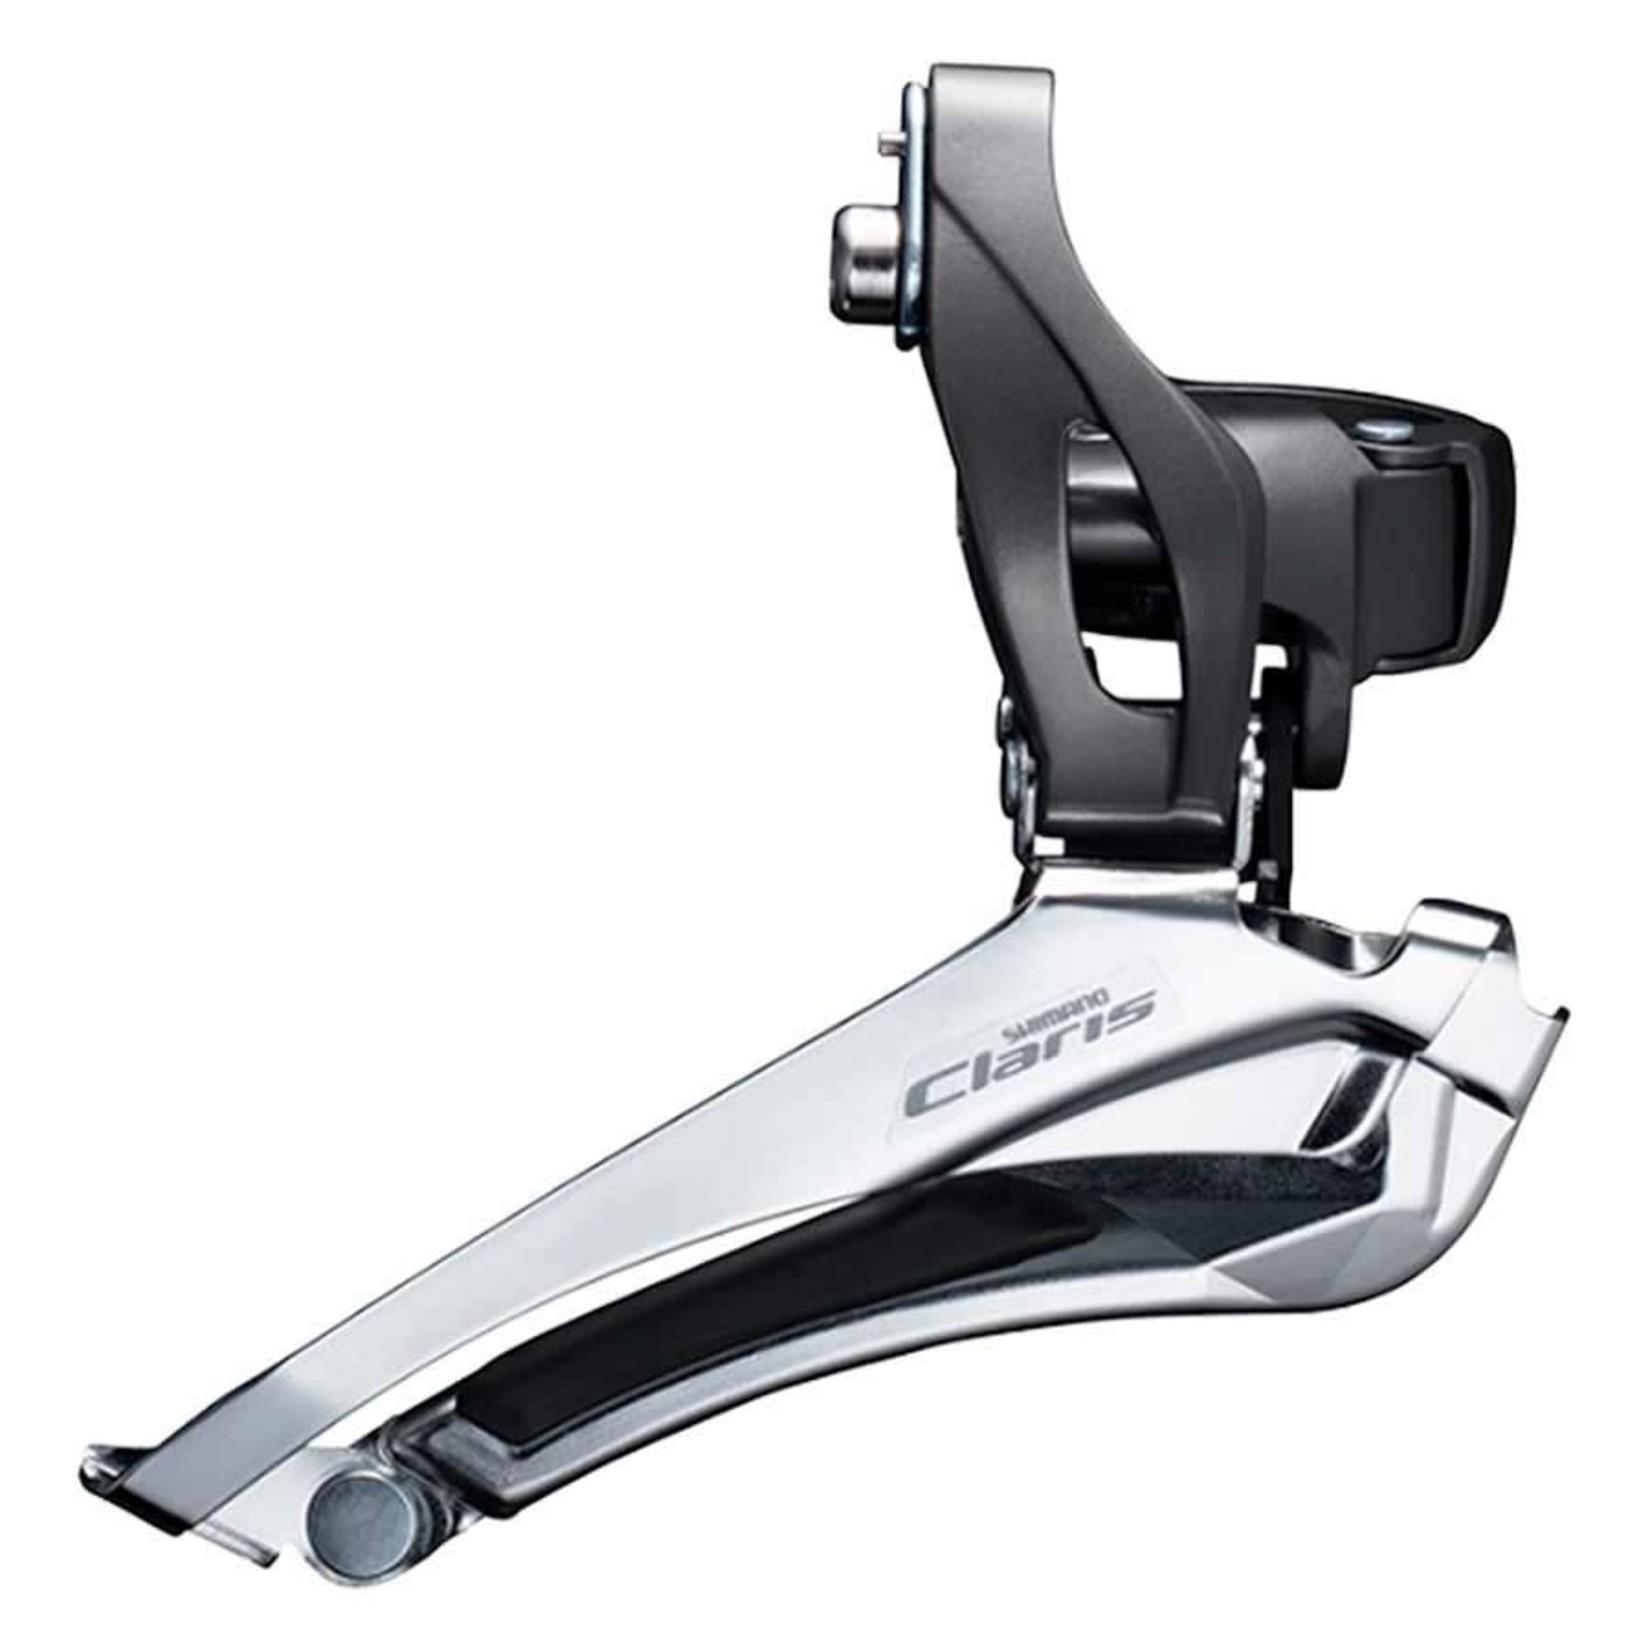 Shimano Claris FD-R2000, Dérailleur avant, 2 x 8vit., Down Swing, Down Pull, High 28.6/31.8/34.9mm